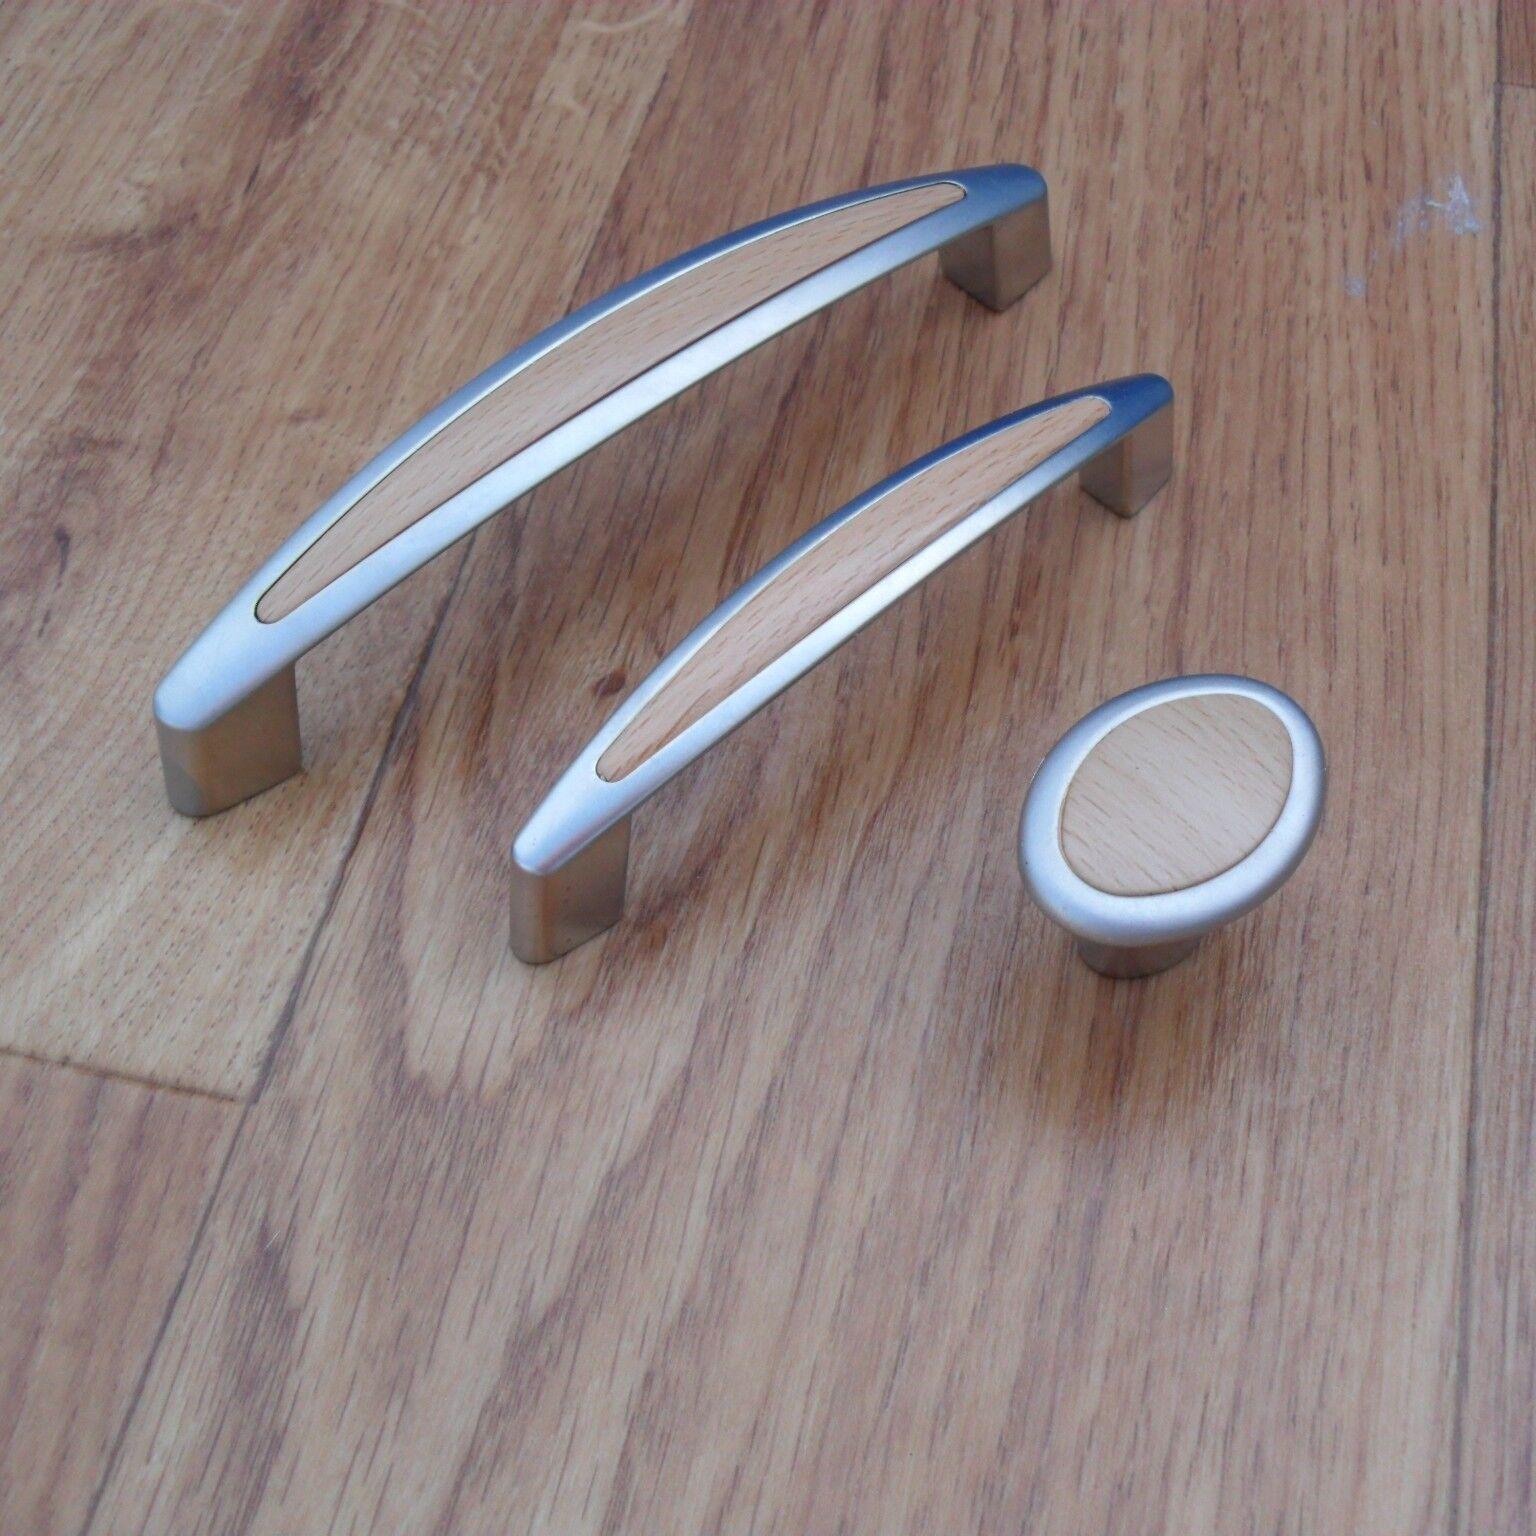 Möbelgriff Holz Buche Möbelgriffe Ø 16 Bügelgriffe